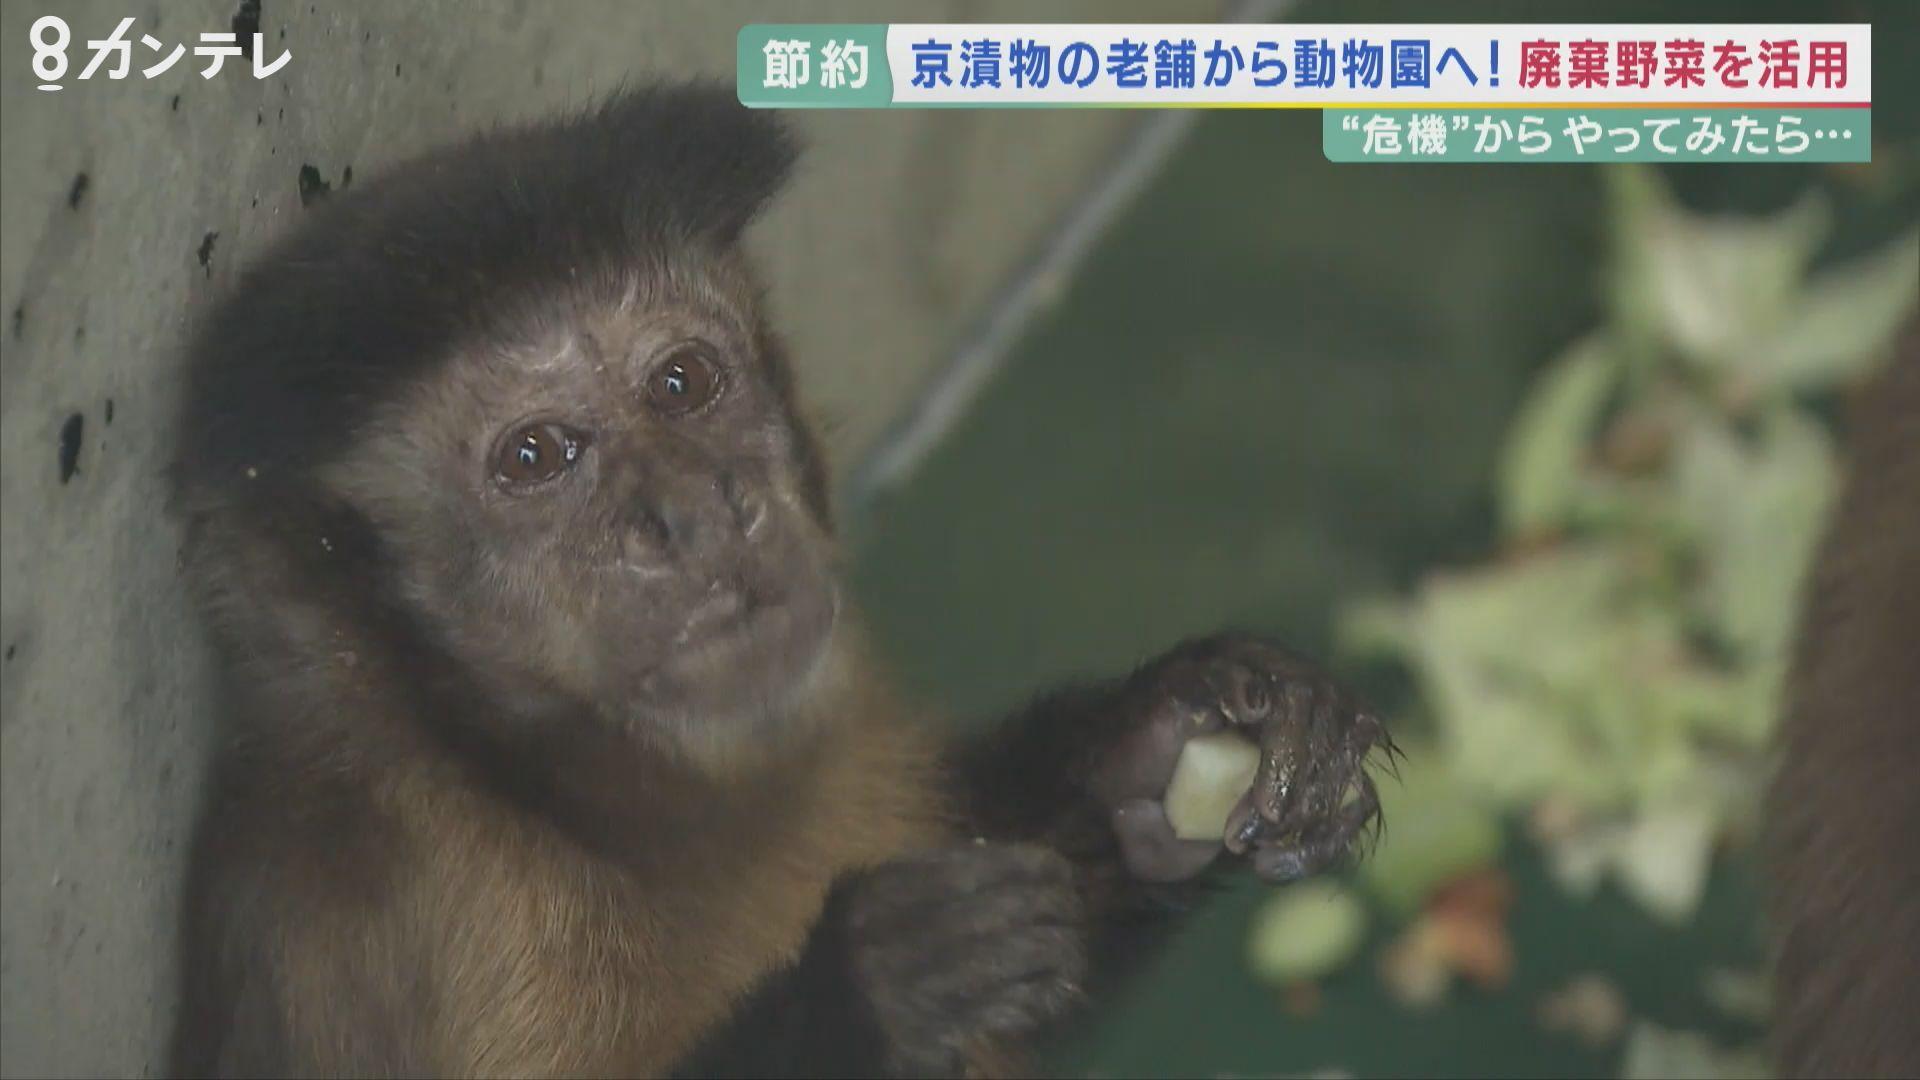 財政難…京都市動物園の節約法「エサは寄付で」  漬物店から造園業者まで…地域で広がる寄付の輪